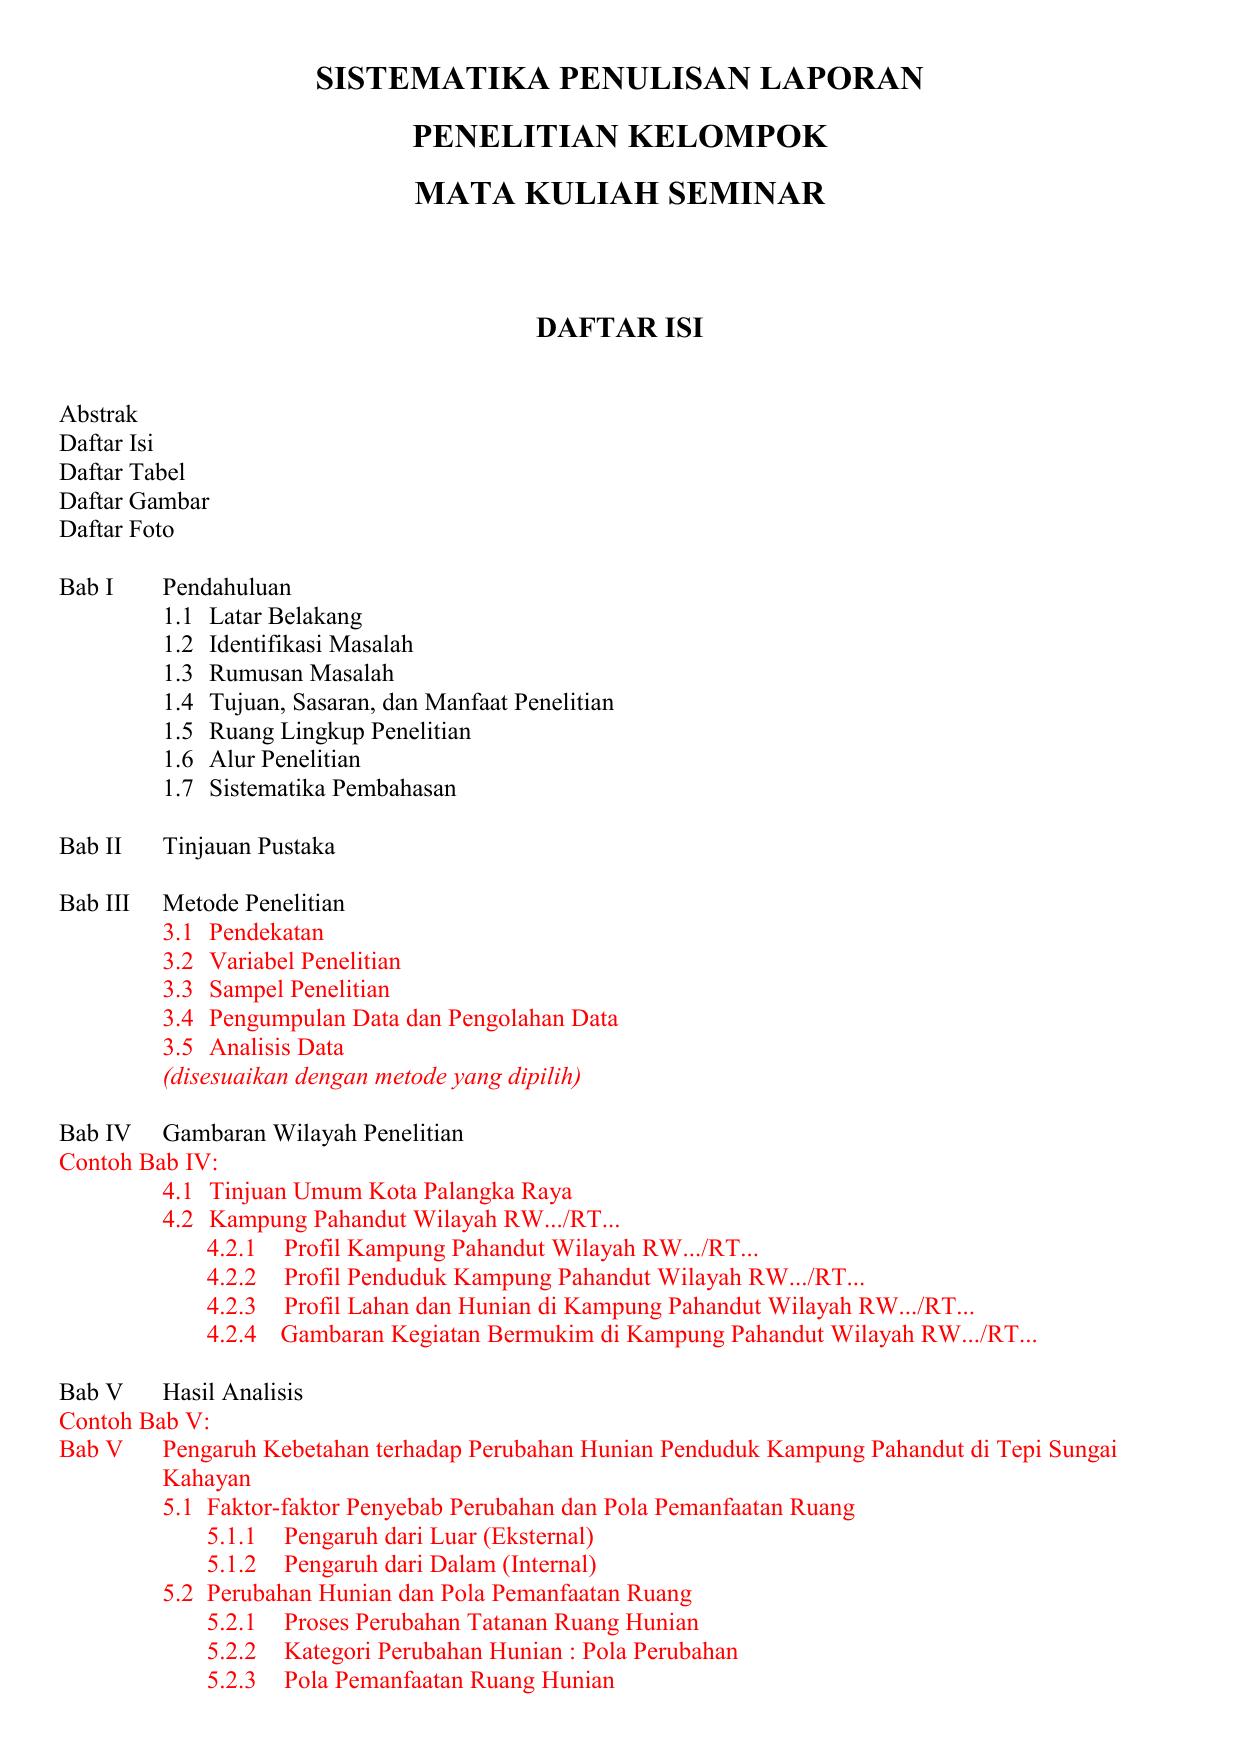 Daftar Isi Seminar Penelitian Kasus 2017